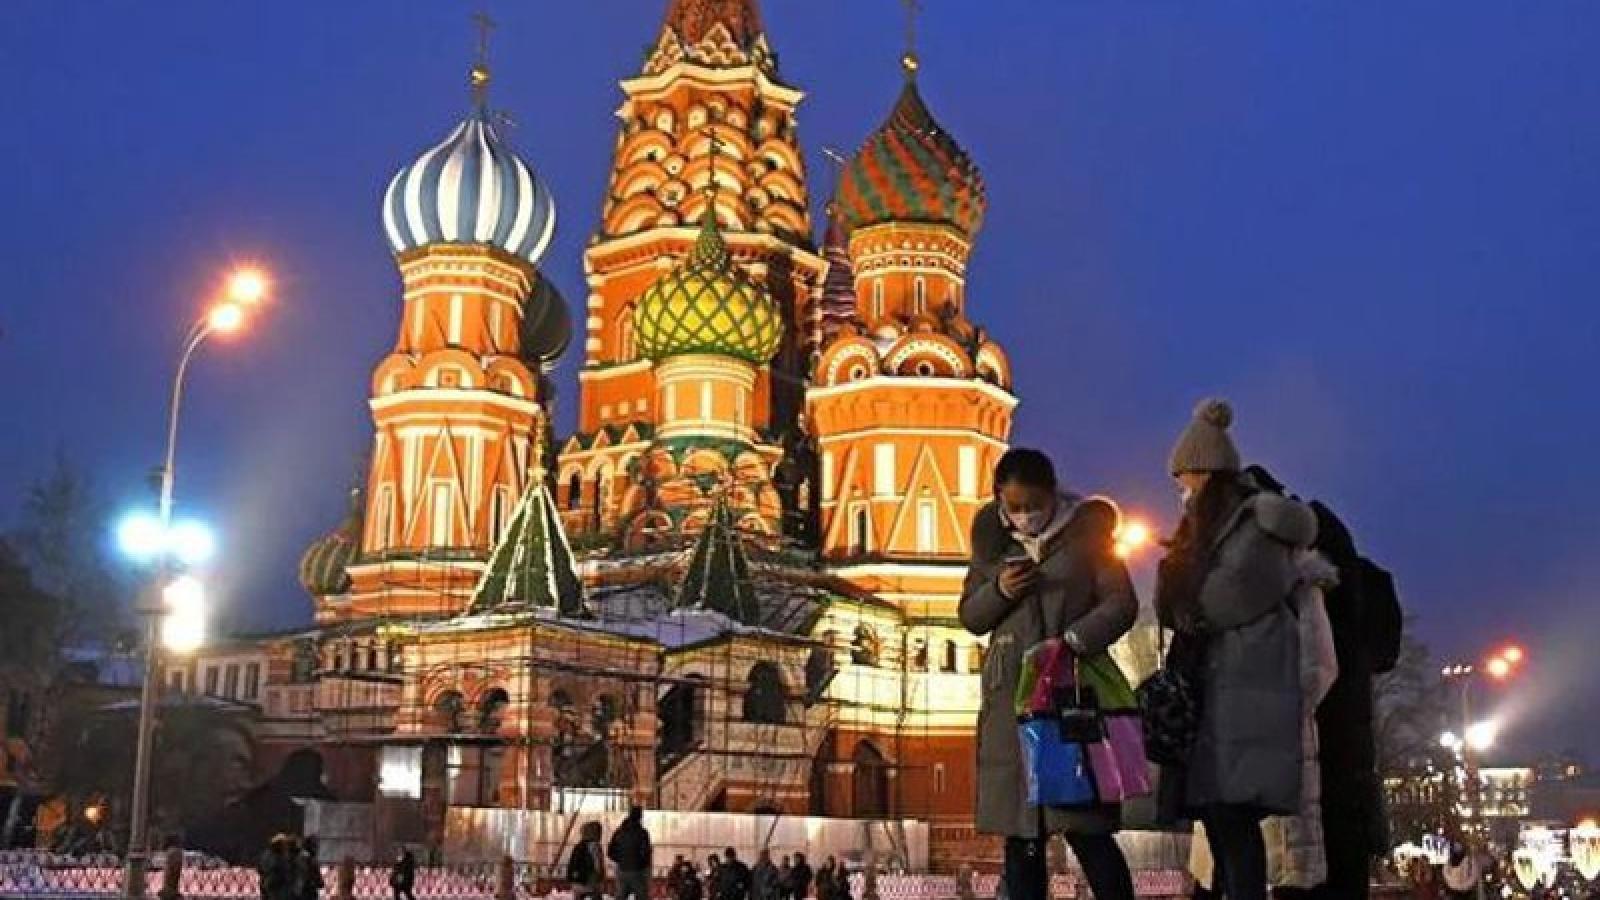 Nga ghi nhận số ca mắc Covid-19 kỷ lục hơn 6.000 trong vòng 24 giờ